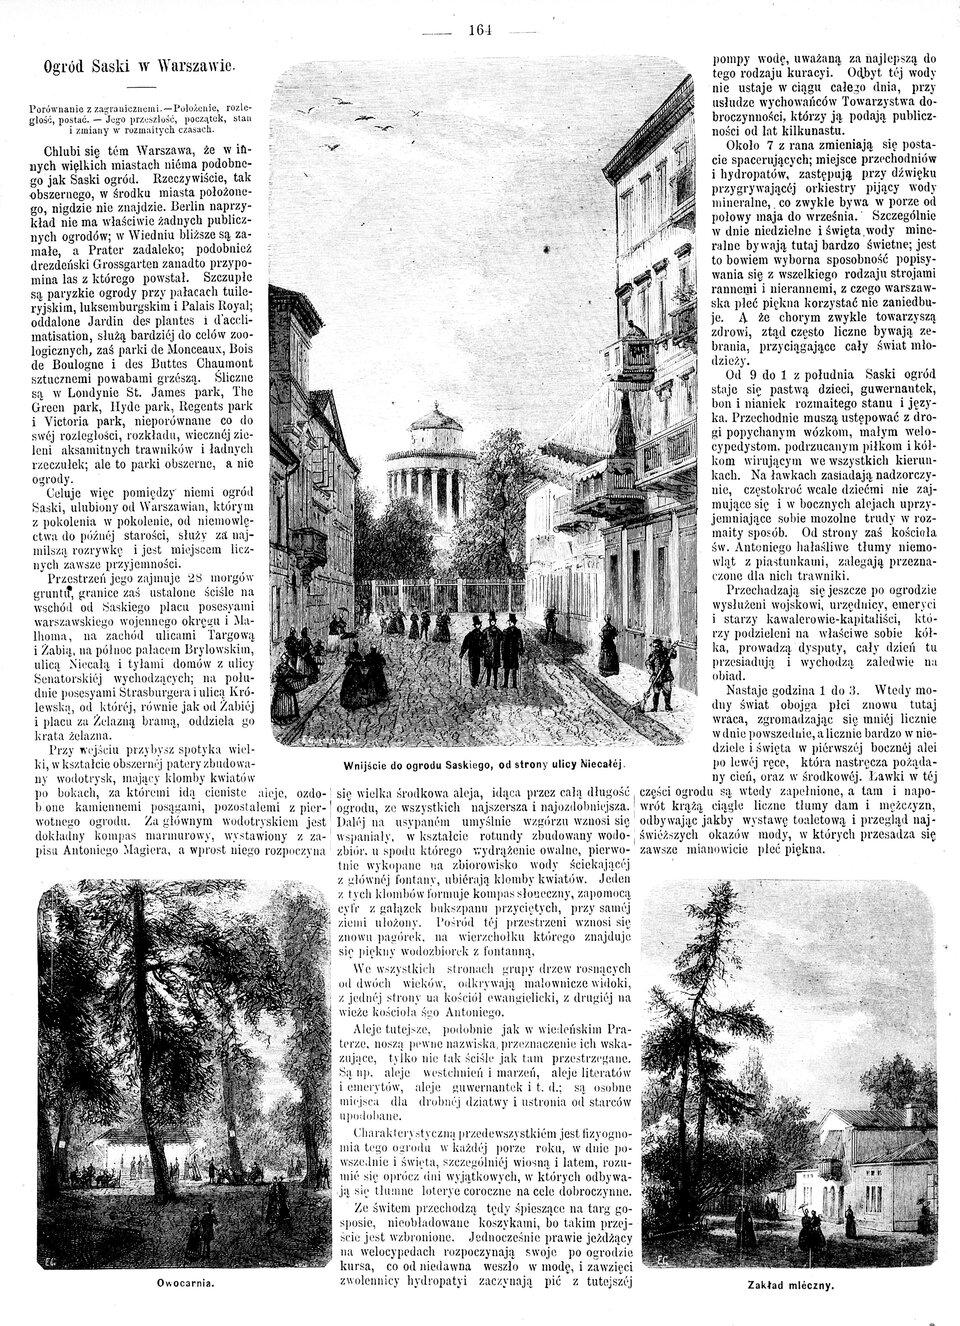 """Ogród Saski wWarszawie Źródło: Edward Gorazdowski, Ogród Saski wWarszawie, """"Tygodnik Ilustrowany"""" 1869 (z dn. 2.10), rycina, domena publiczna."""